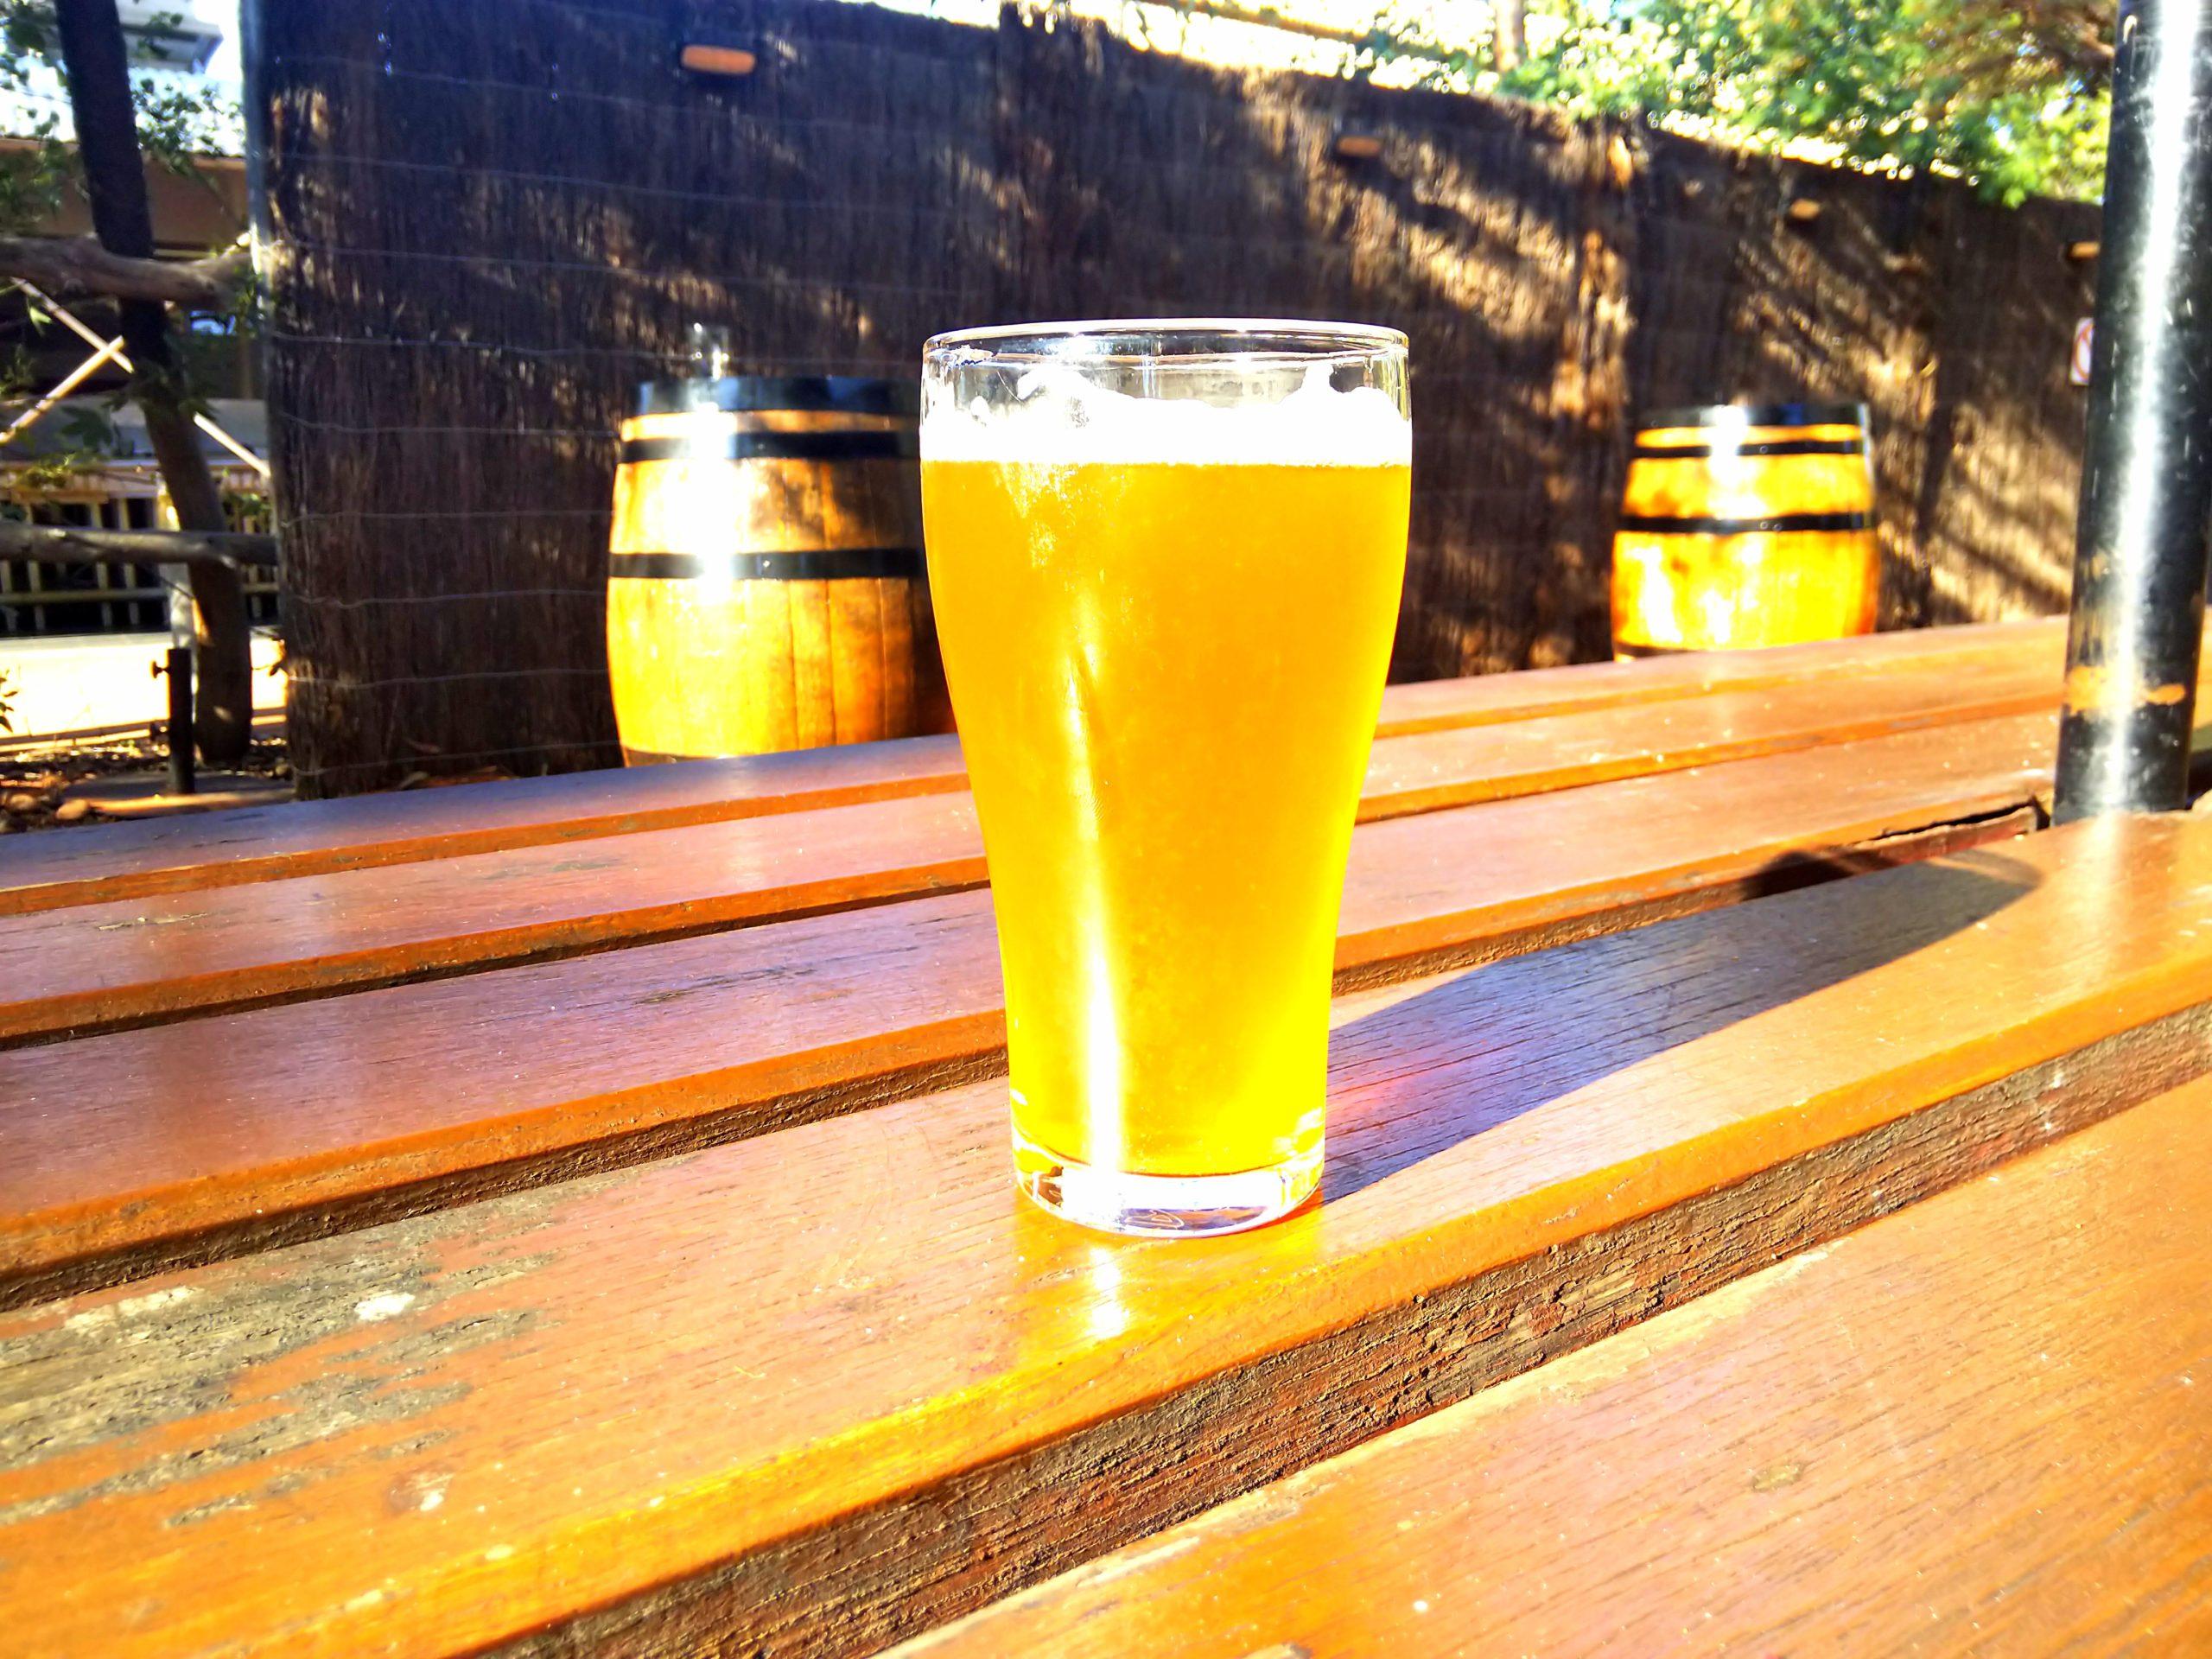 アウトバックパイオニアホテル&ロッジのビール